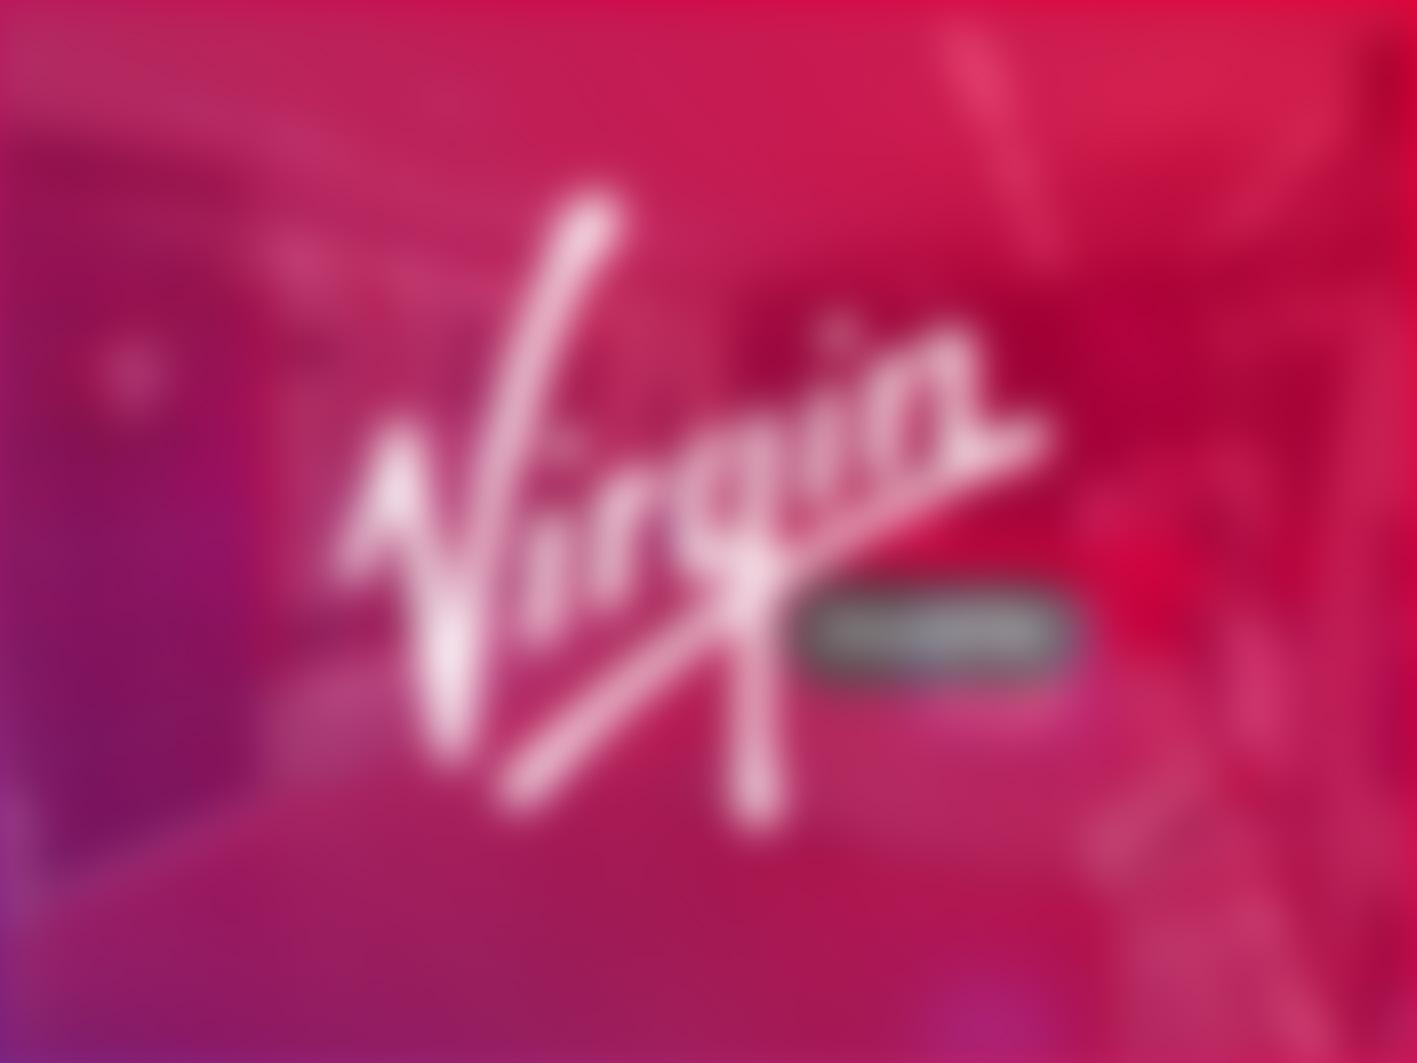 Virgin Mobile, c'est presque fini : les abonnés invités à passer chez SFR